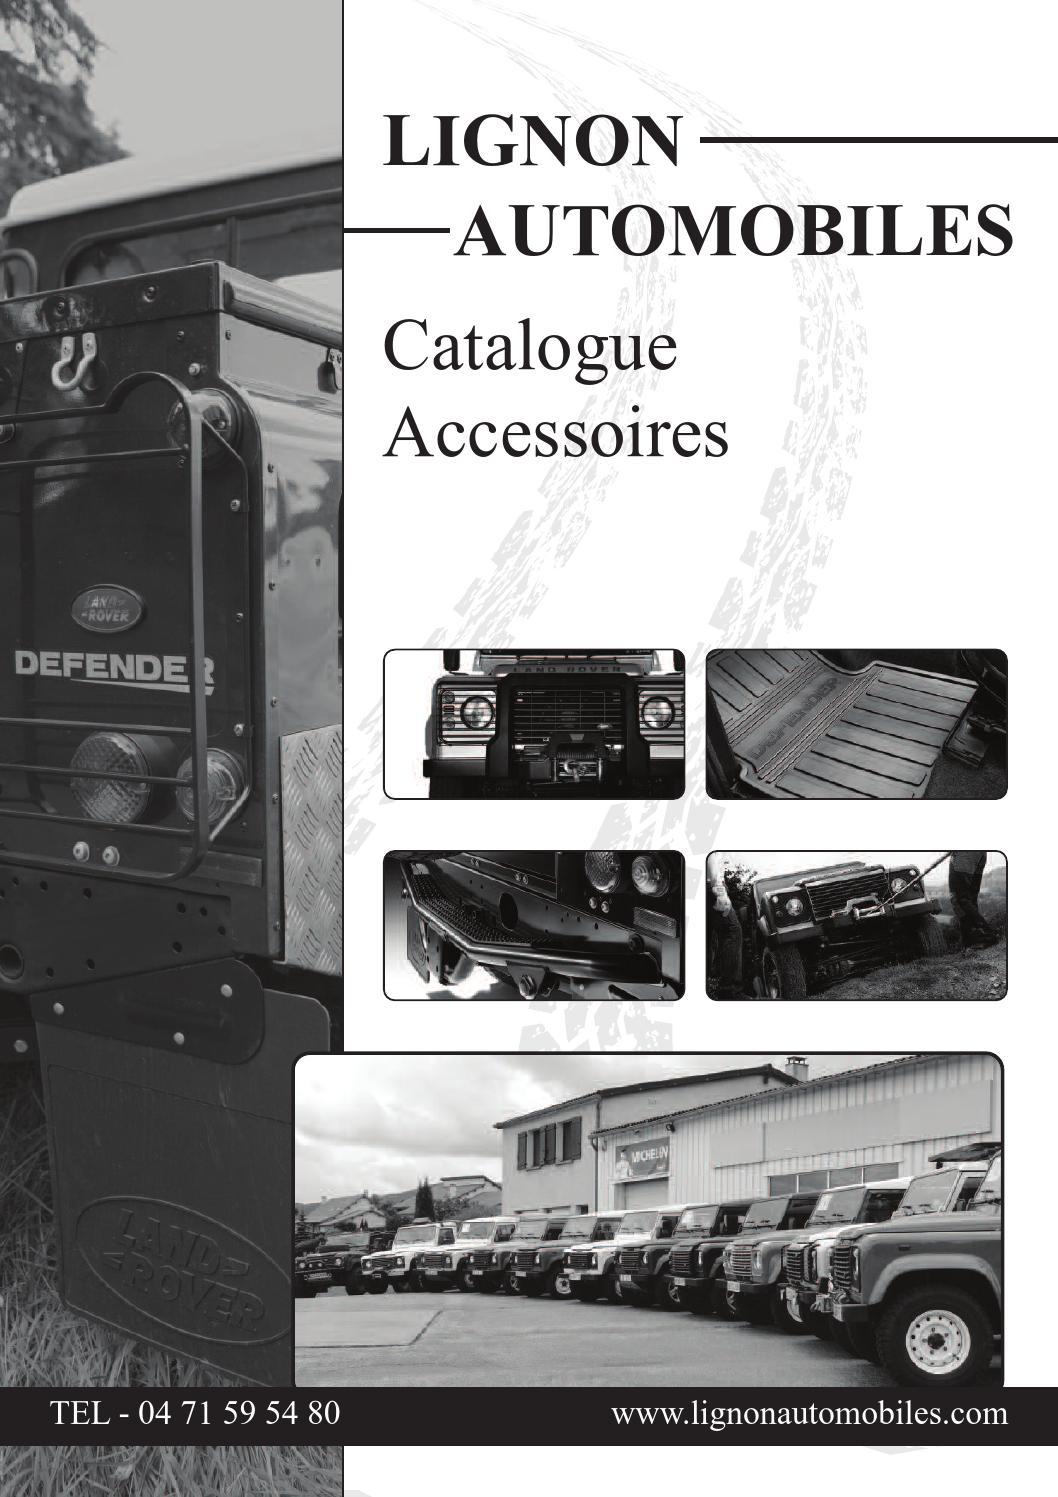 Catalogue accessoires LIGNON AUTOMOBILES by julien - issuu